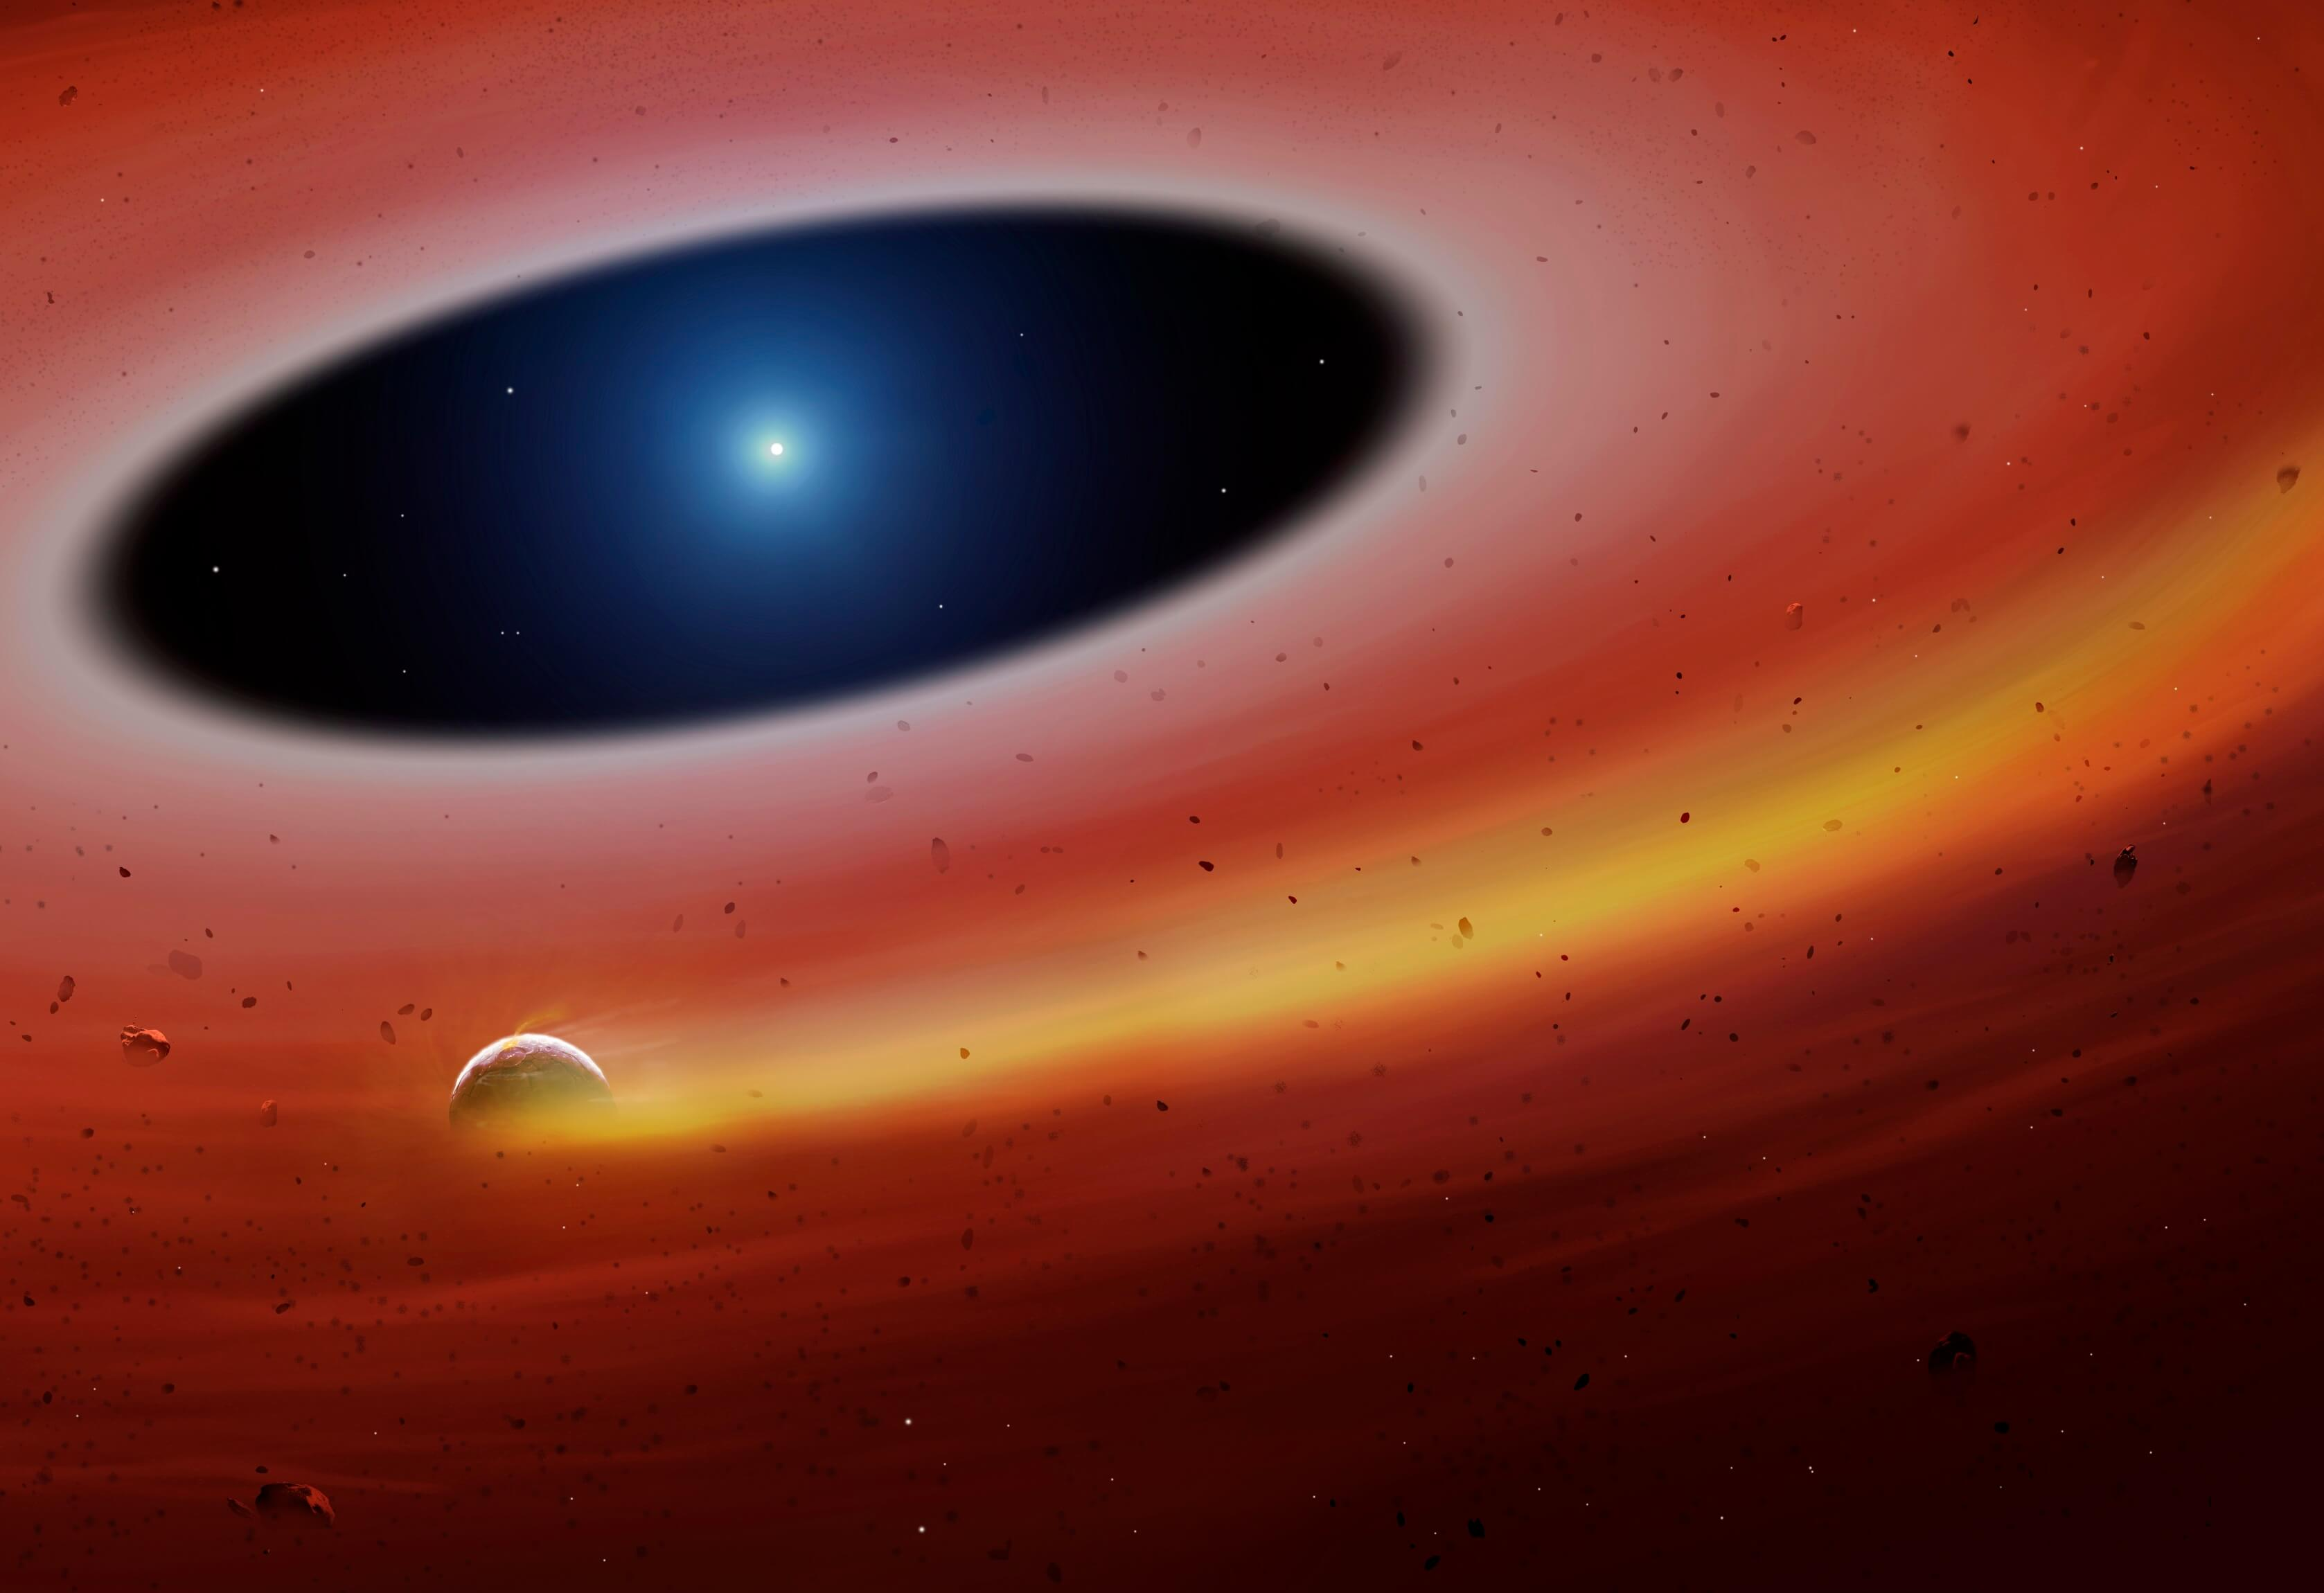 Ανακαλύφθηκε «πτώμα» εξωπλανήτη σε αποσύνθεση γύρω από ένα νεκρό άστρο